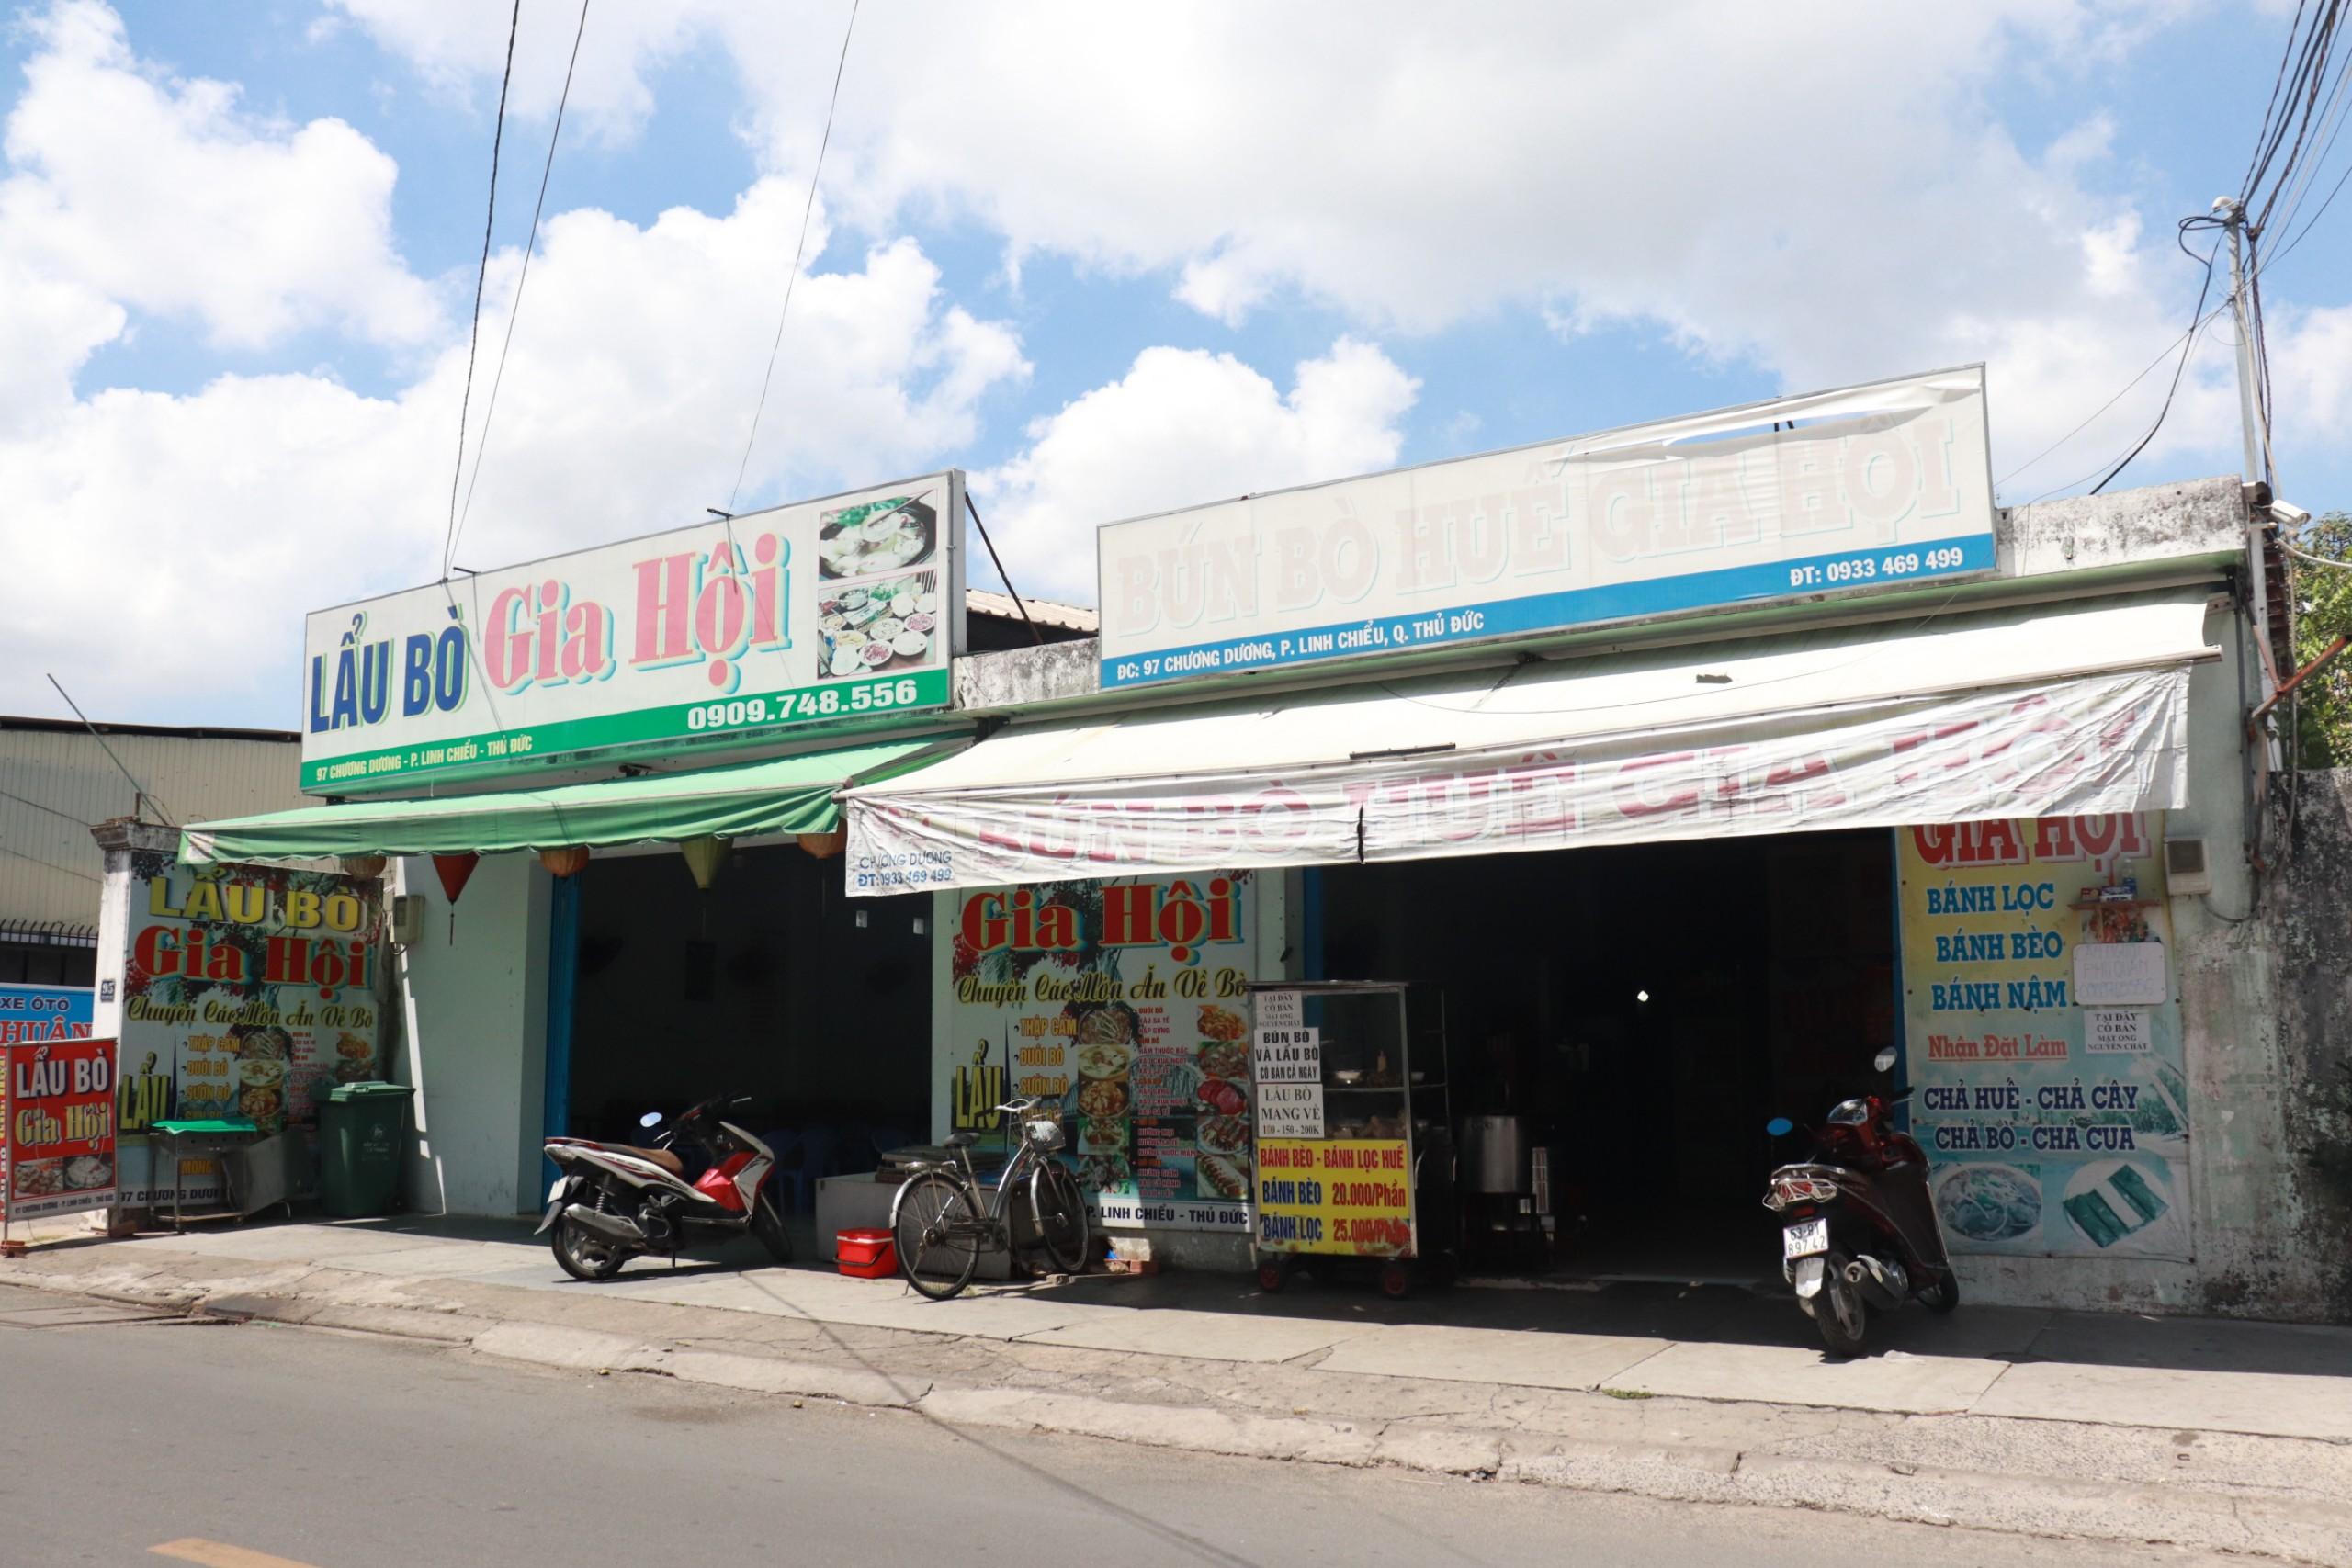 4 khu đất dính quy hoạch tại phường Linh Chiểu, TP Thủ Đức - Ảnh 4.